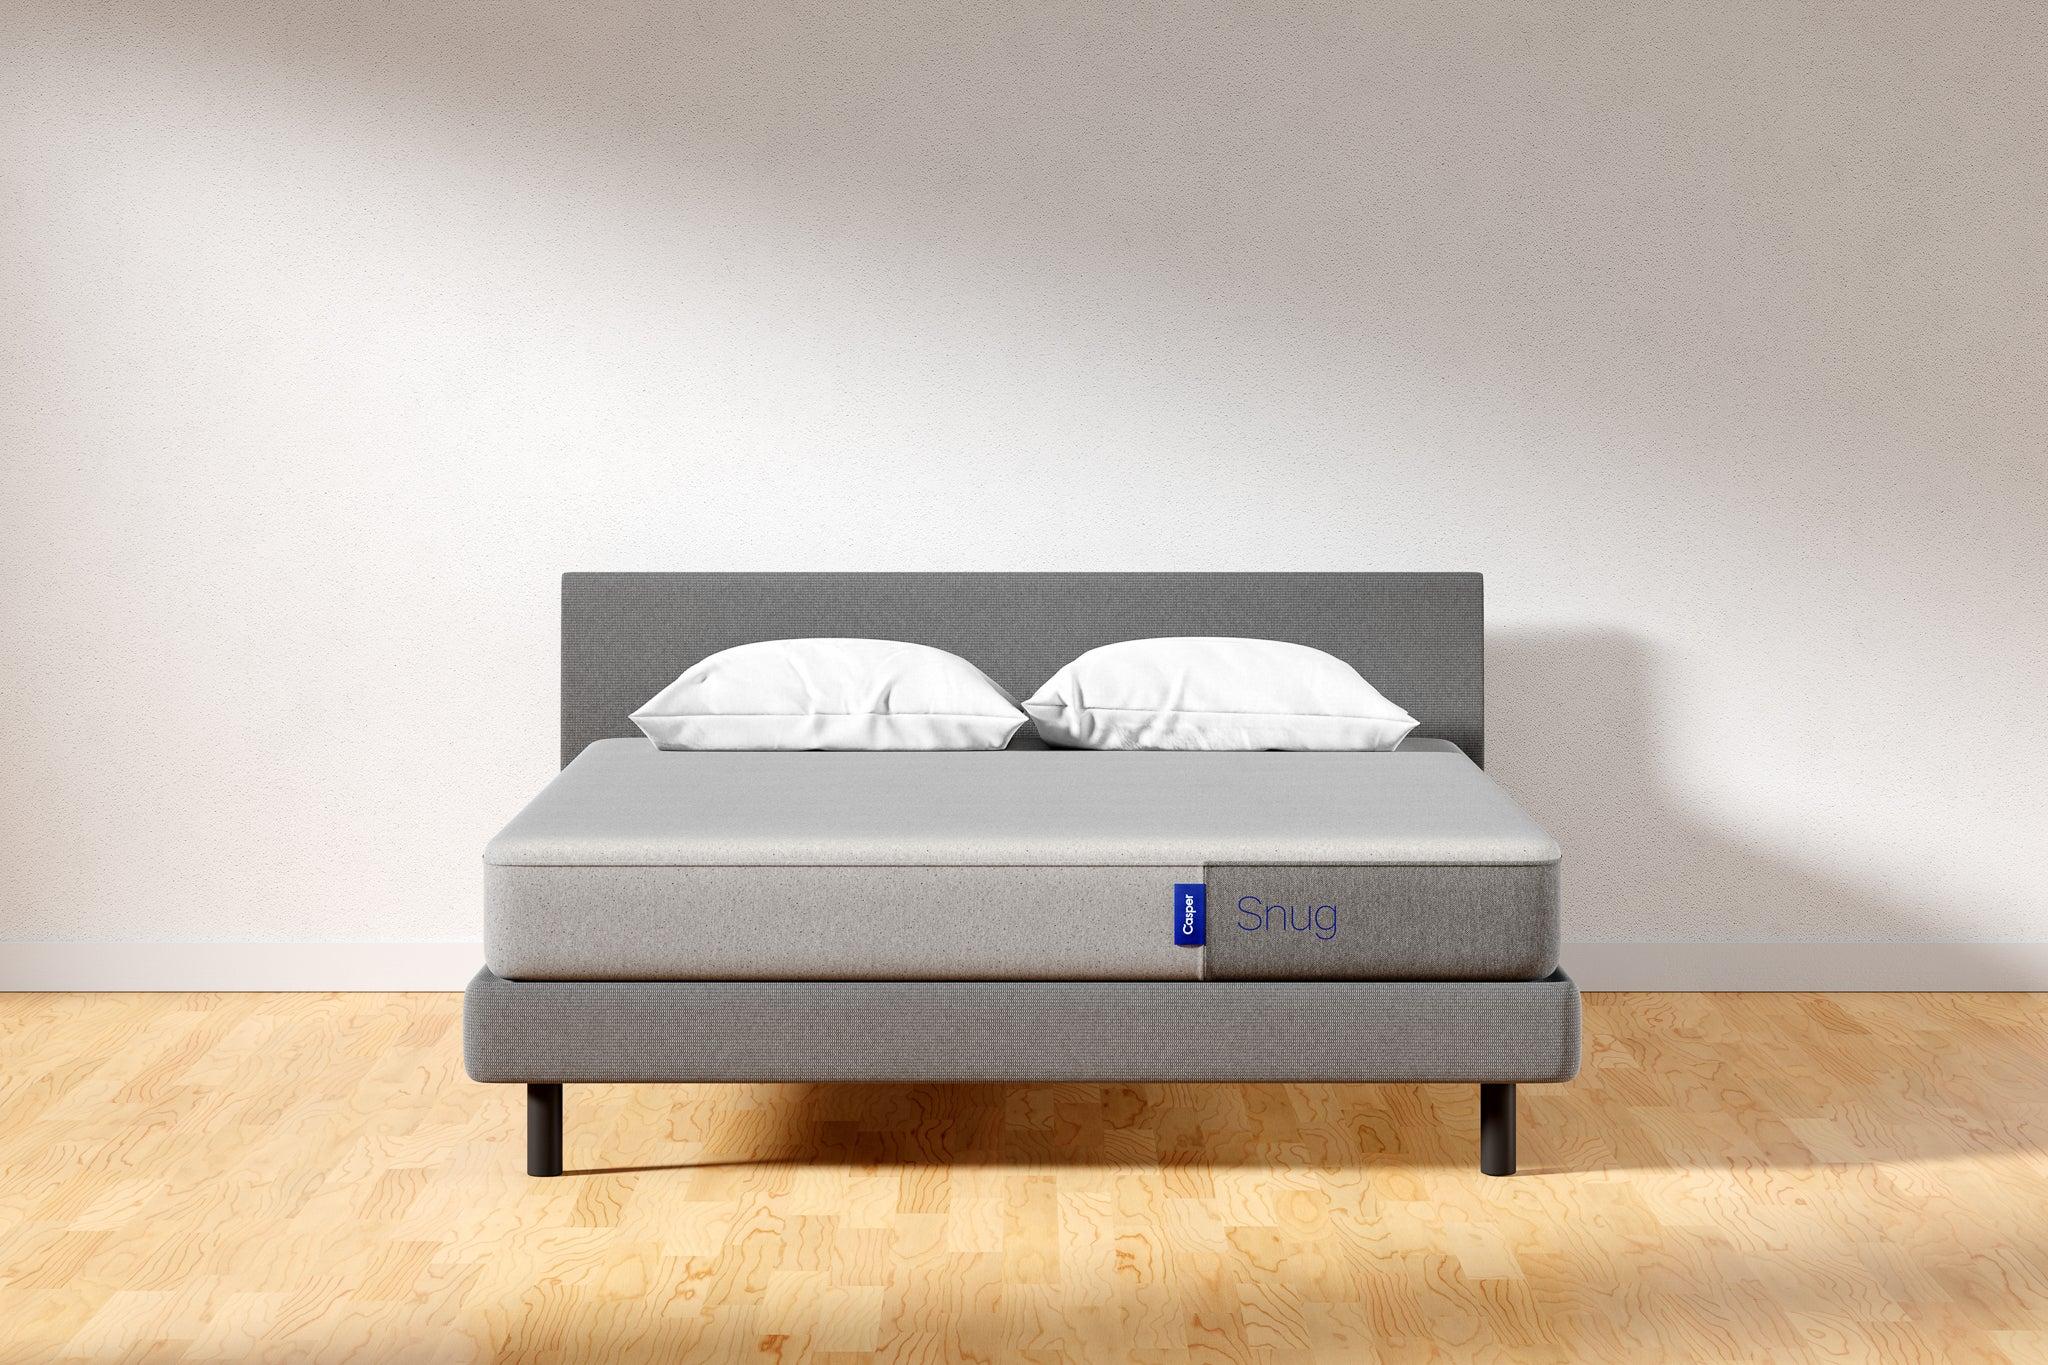 casper mattress review element wave